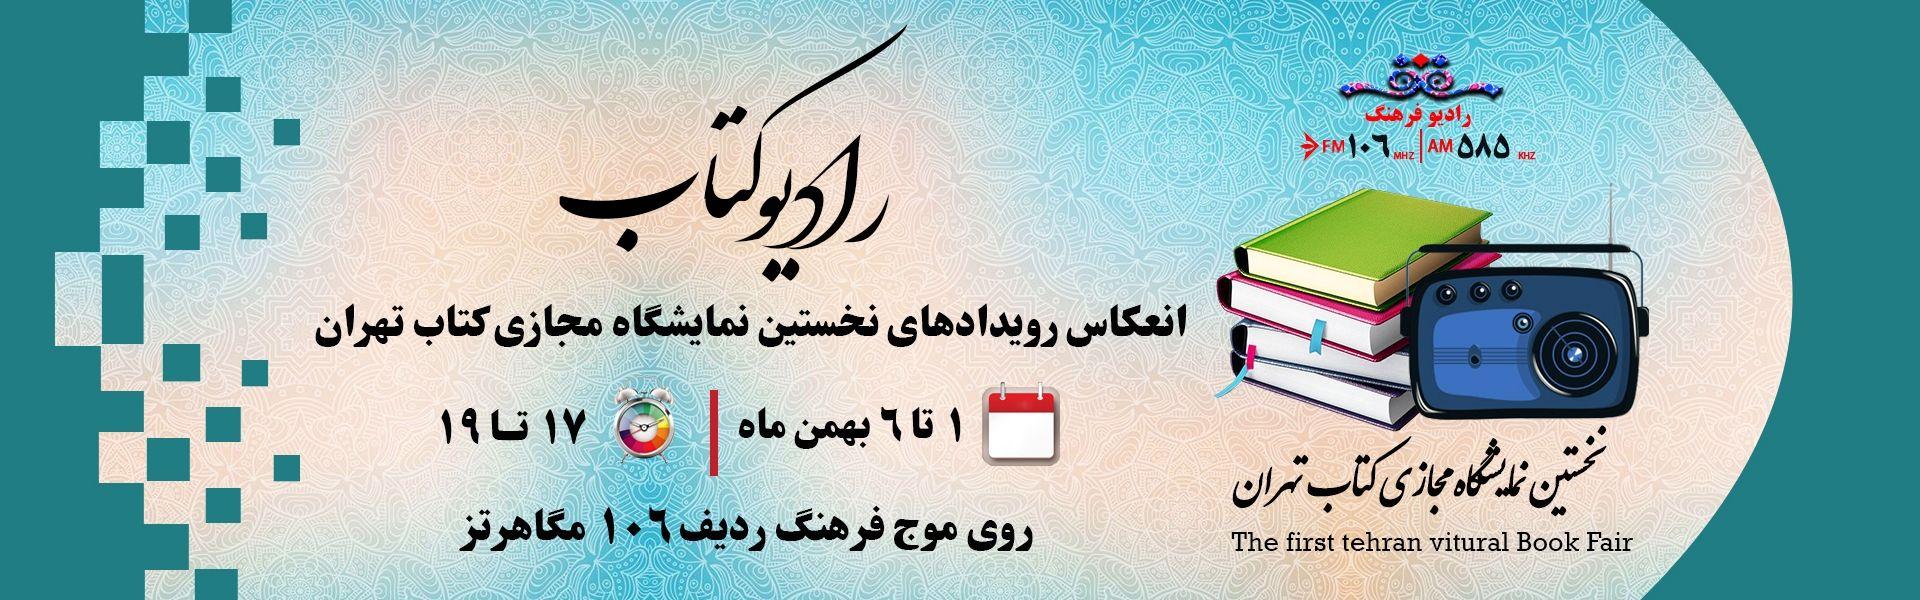 انعکاس رویدادهای نخستین نمایشگاه مجازی کتاب تهران با رادیو کتاب